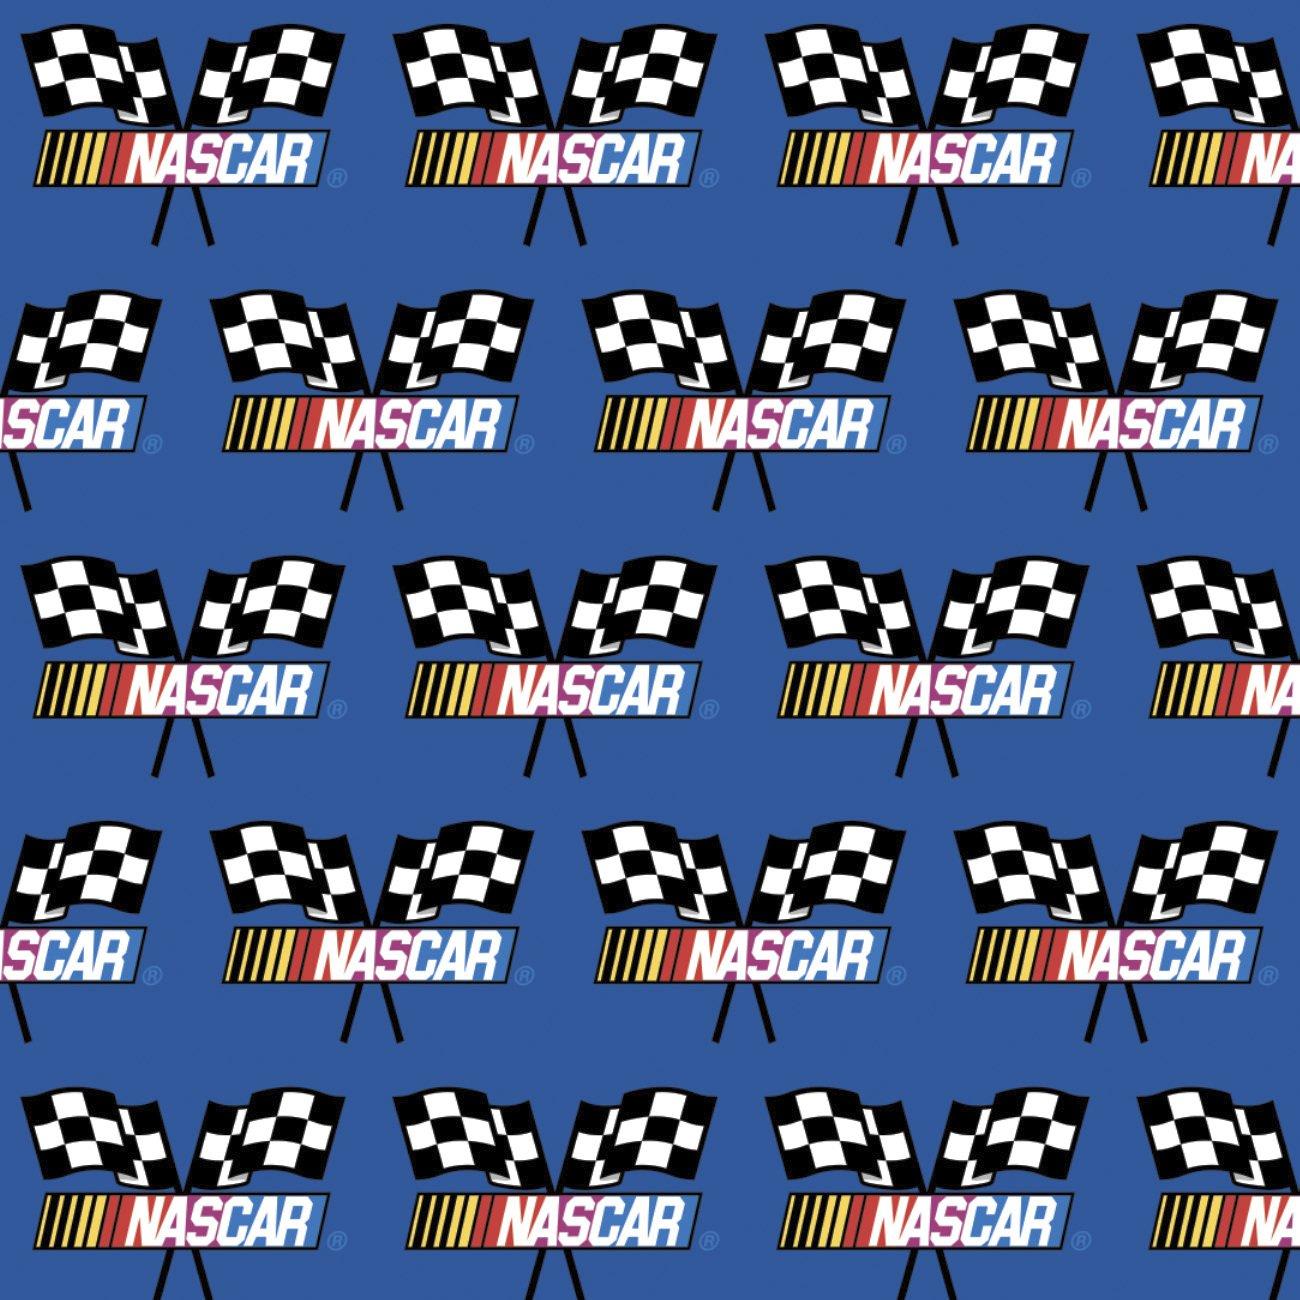 CF-Nascar 39190105A-02 Blue - Checkered Flag Fleece